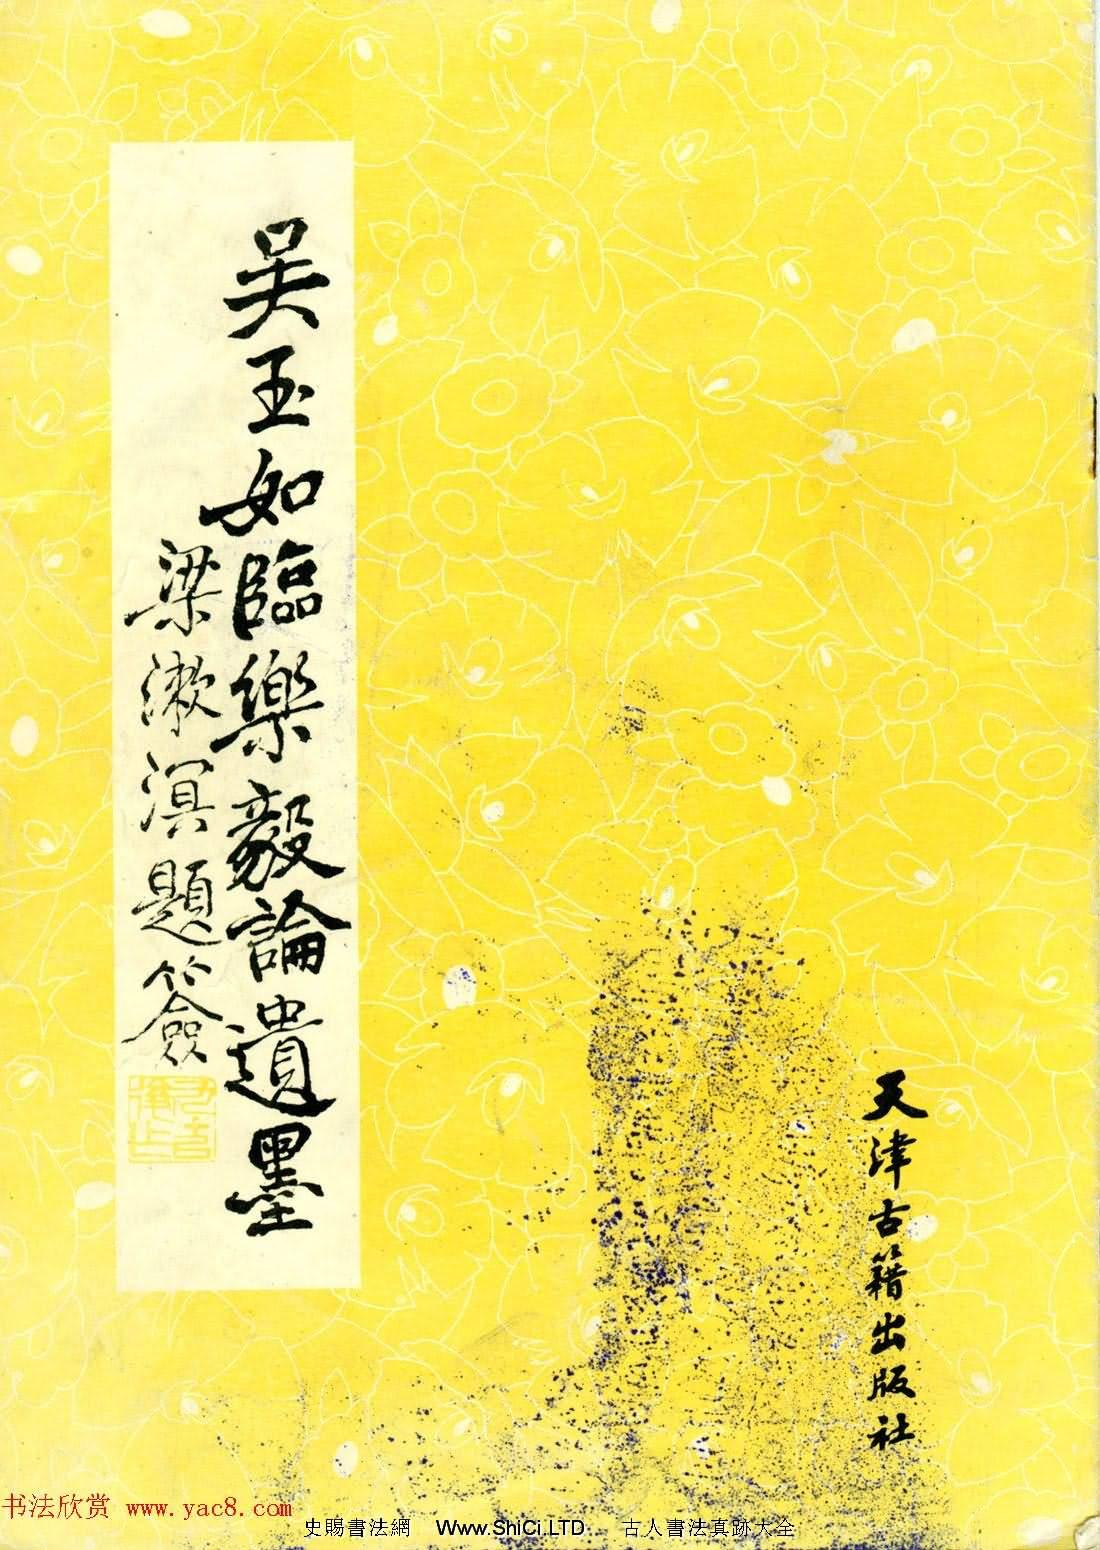 吳玉如小楷字帖《臨樂毅論》遺墨(共12張圖片)